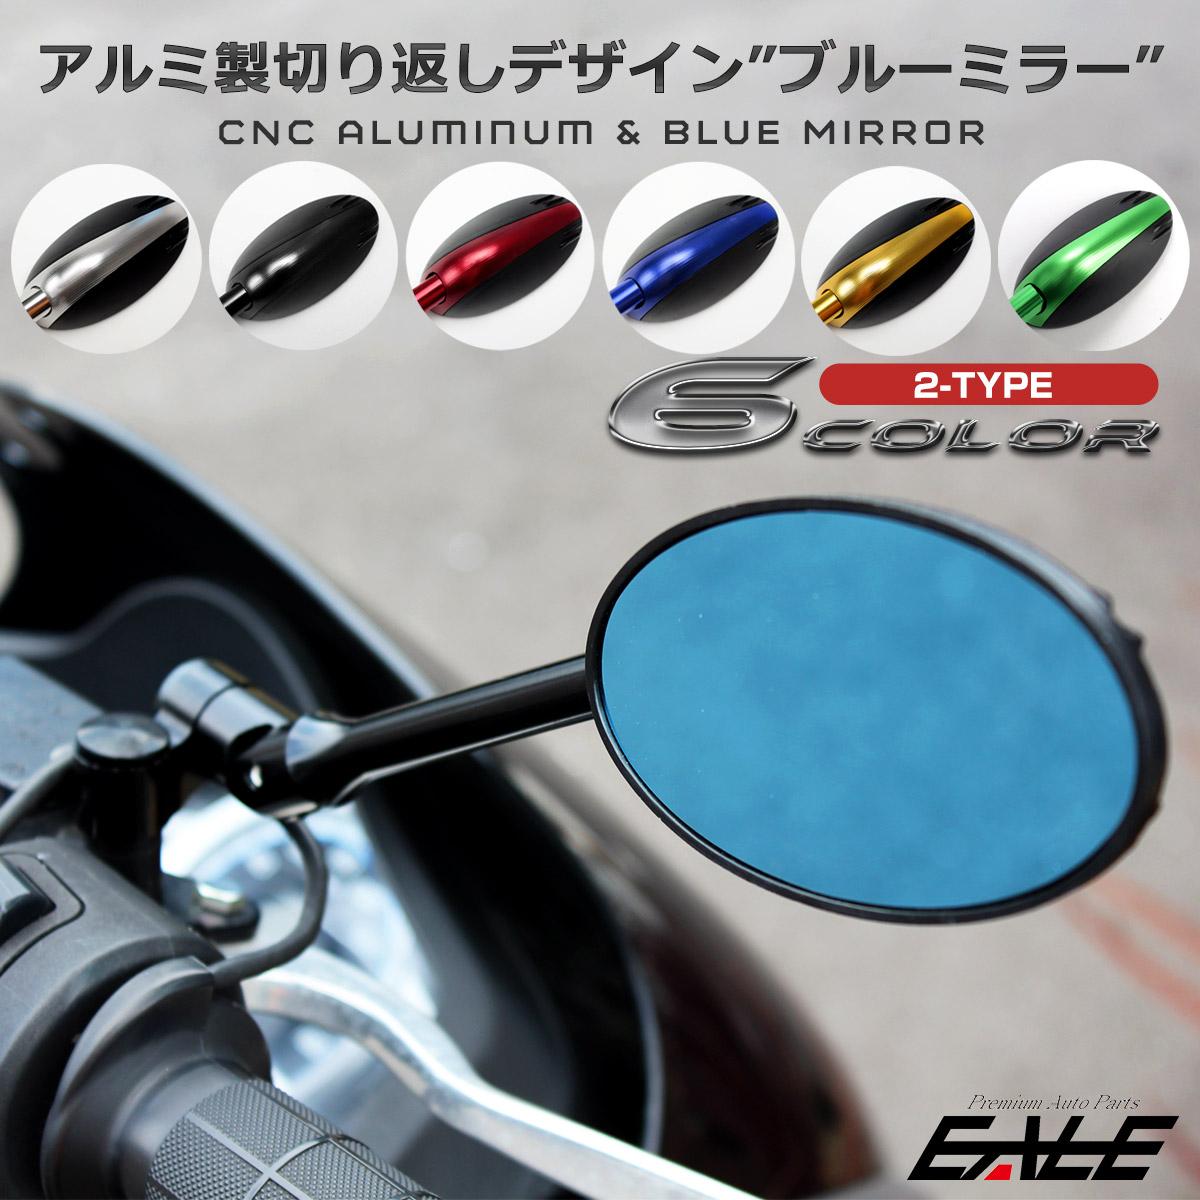 汎用 ブルーミラー 左右セット アルミ CNC 削り出し 5色展開 バイク オートバイ スクーター ドレスアップに S-698